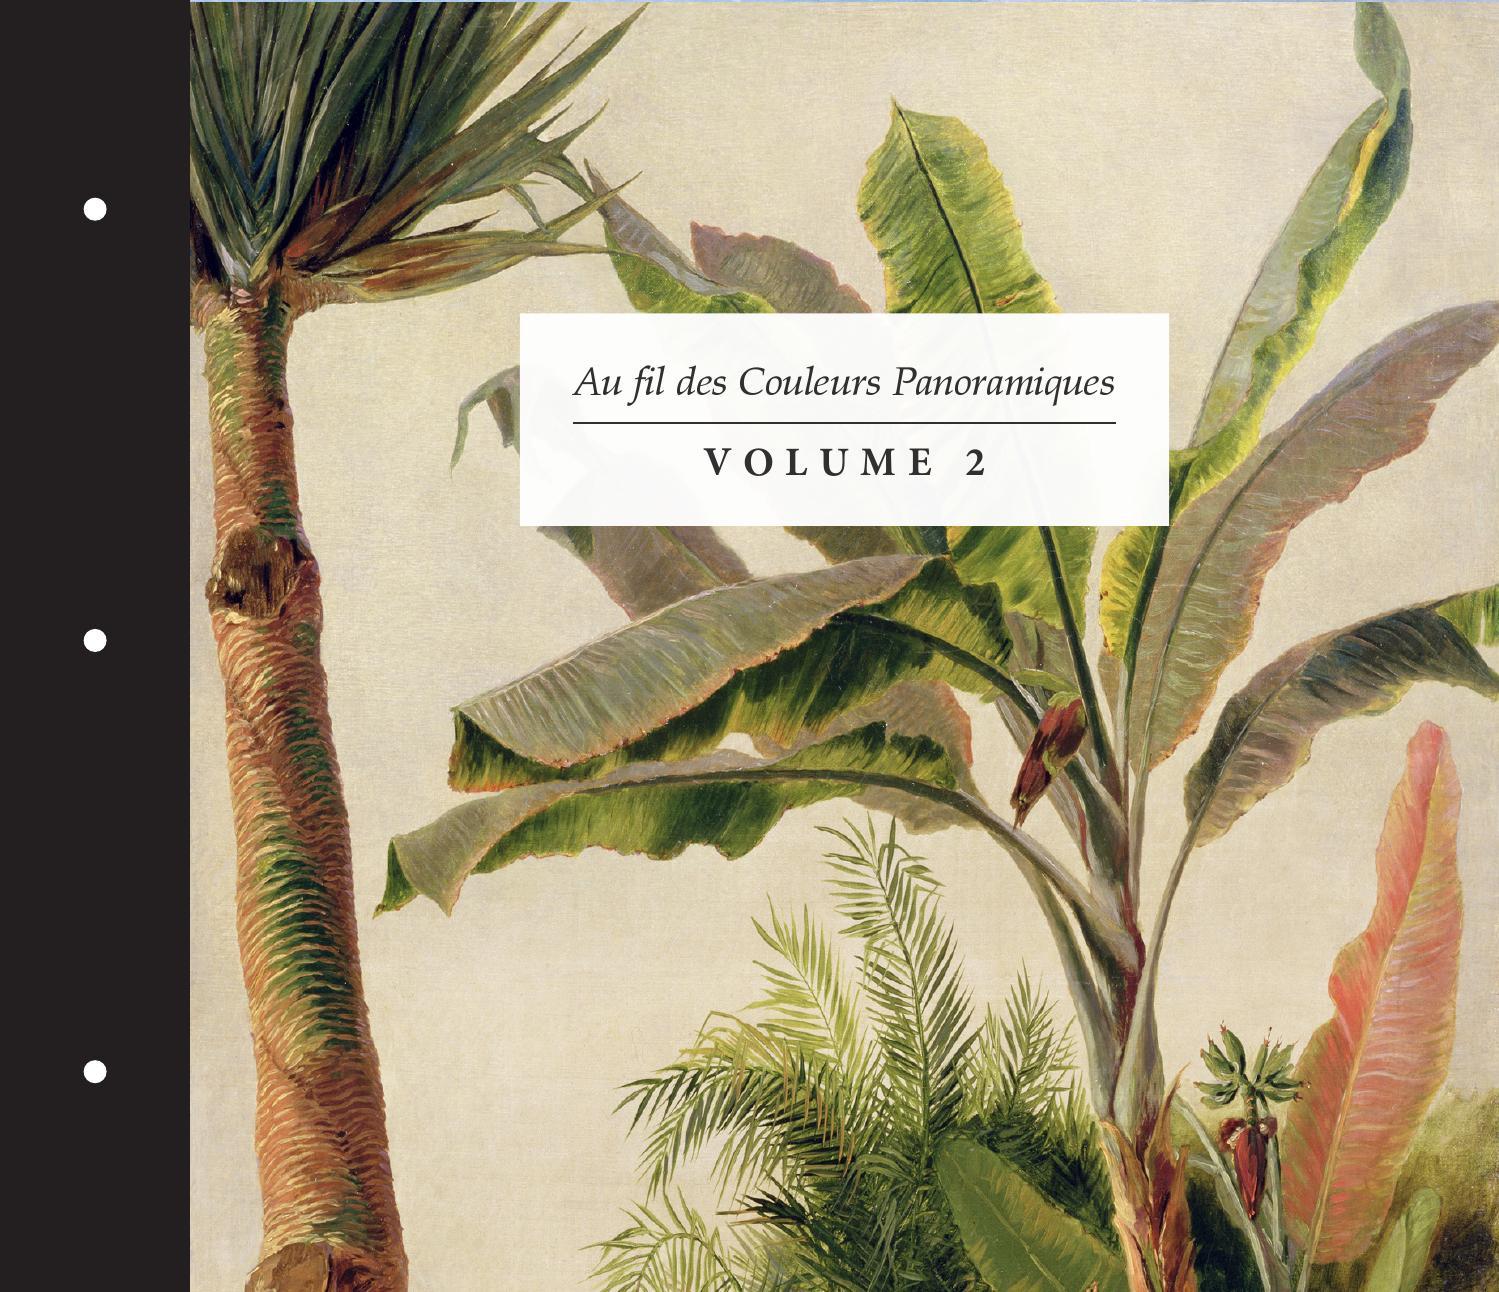 book au fil des couleurs panoramiques volume 2 by au fil. Black Bedroom Furniture Sets. Home Design Ideas